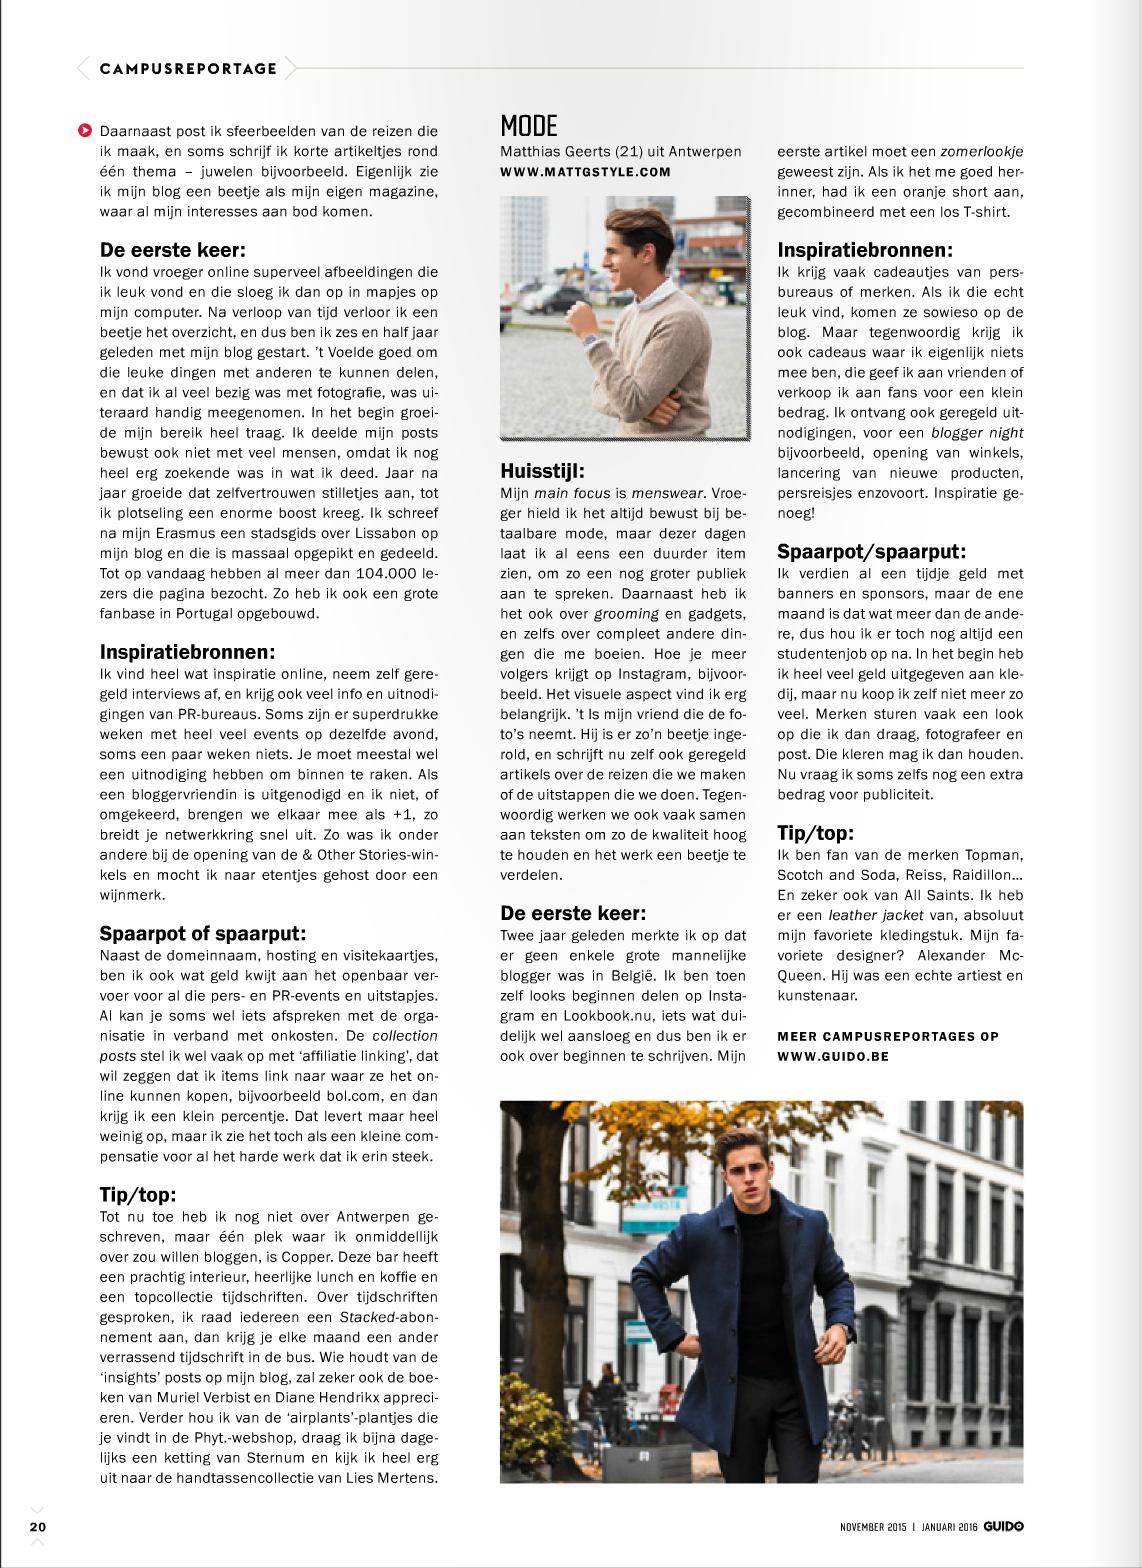 Interview Mattgstyle - GUIDO